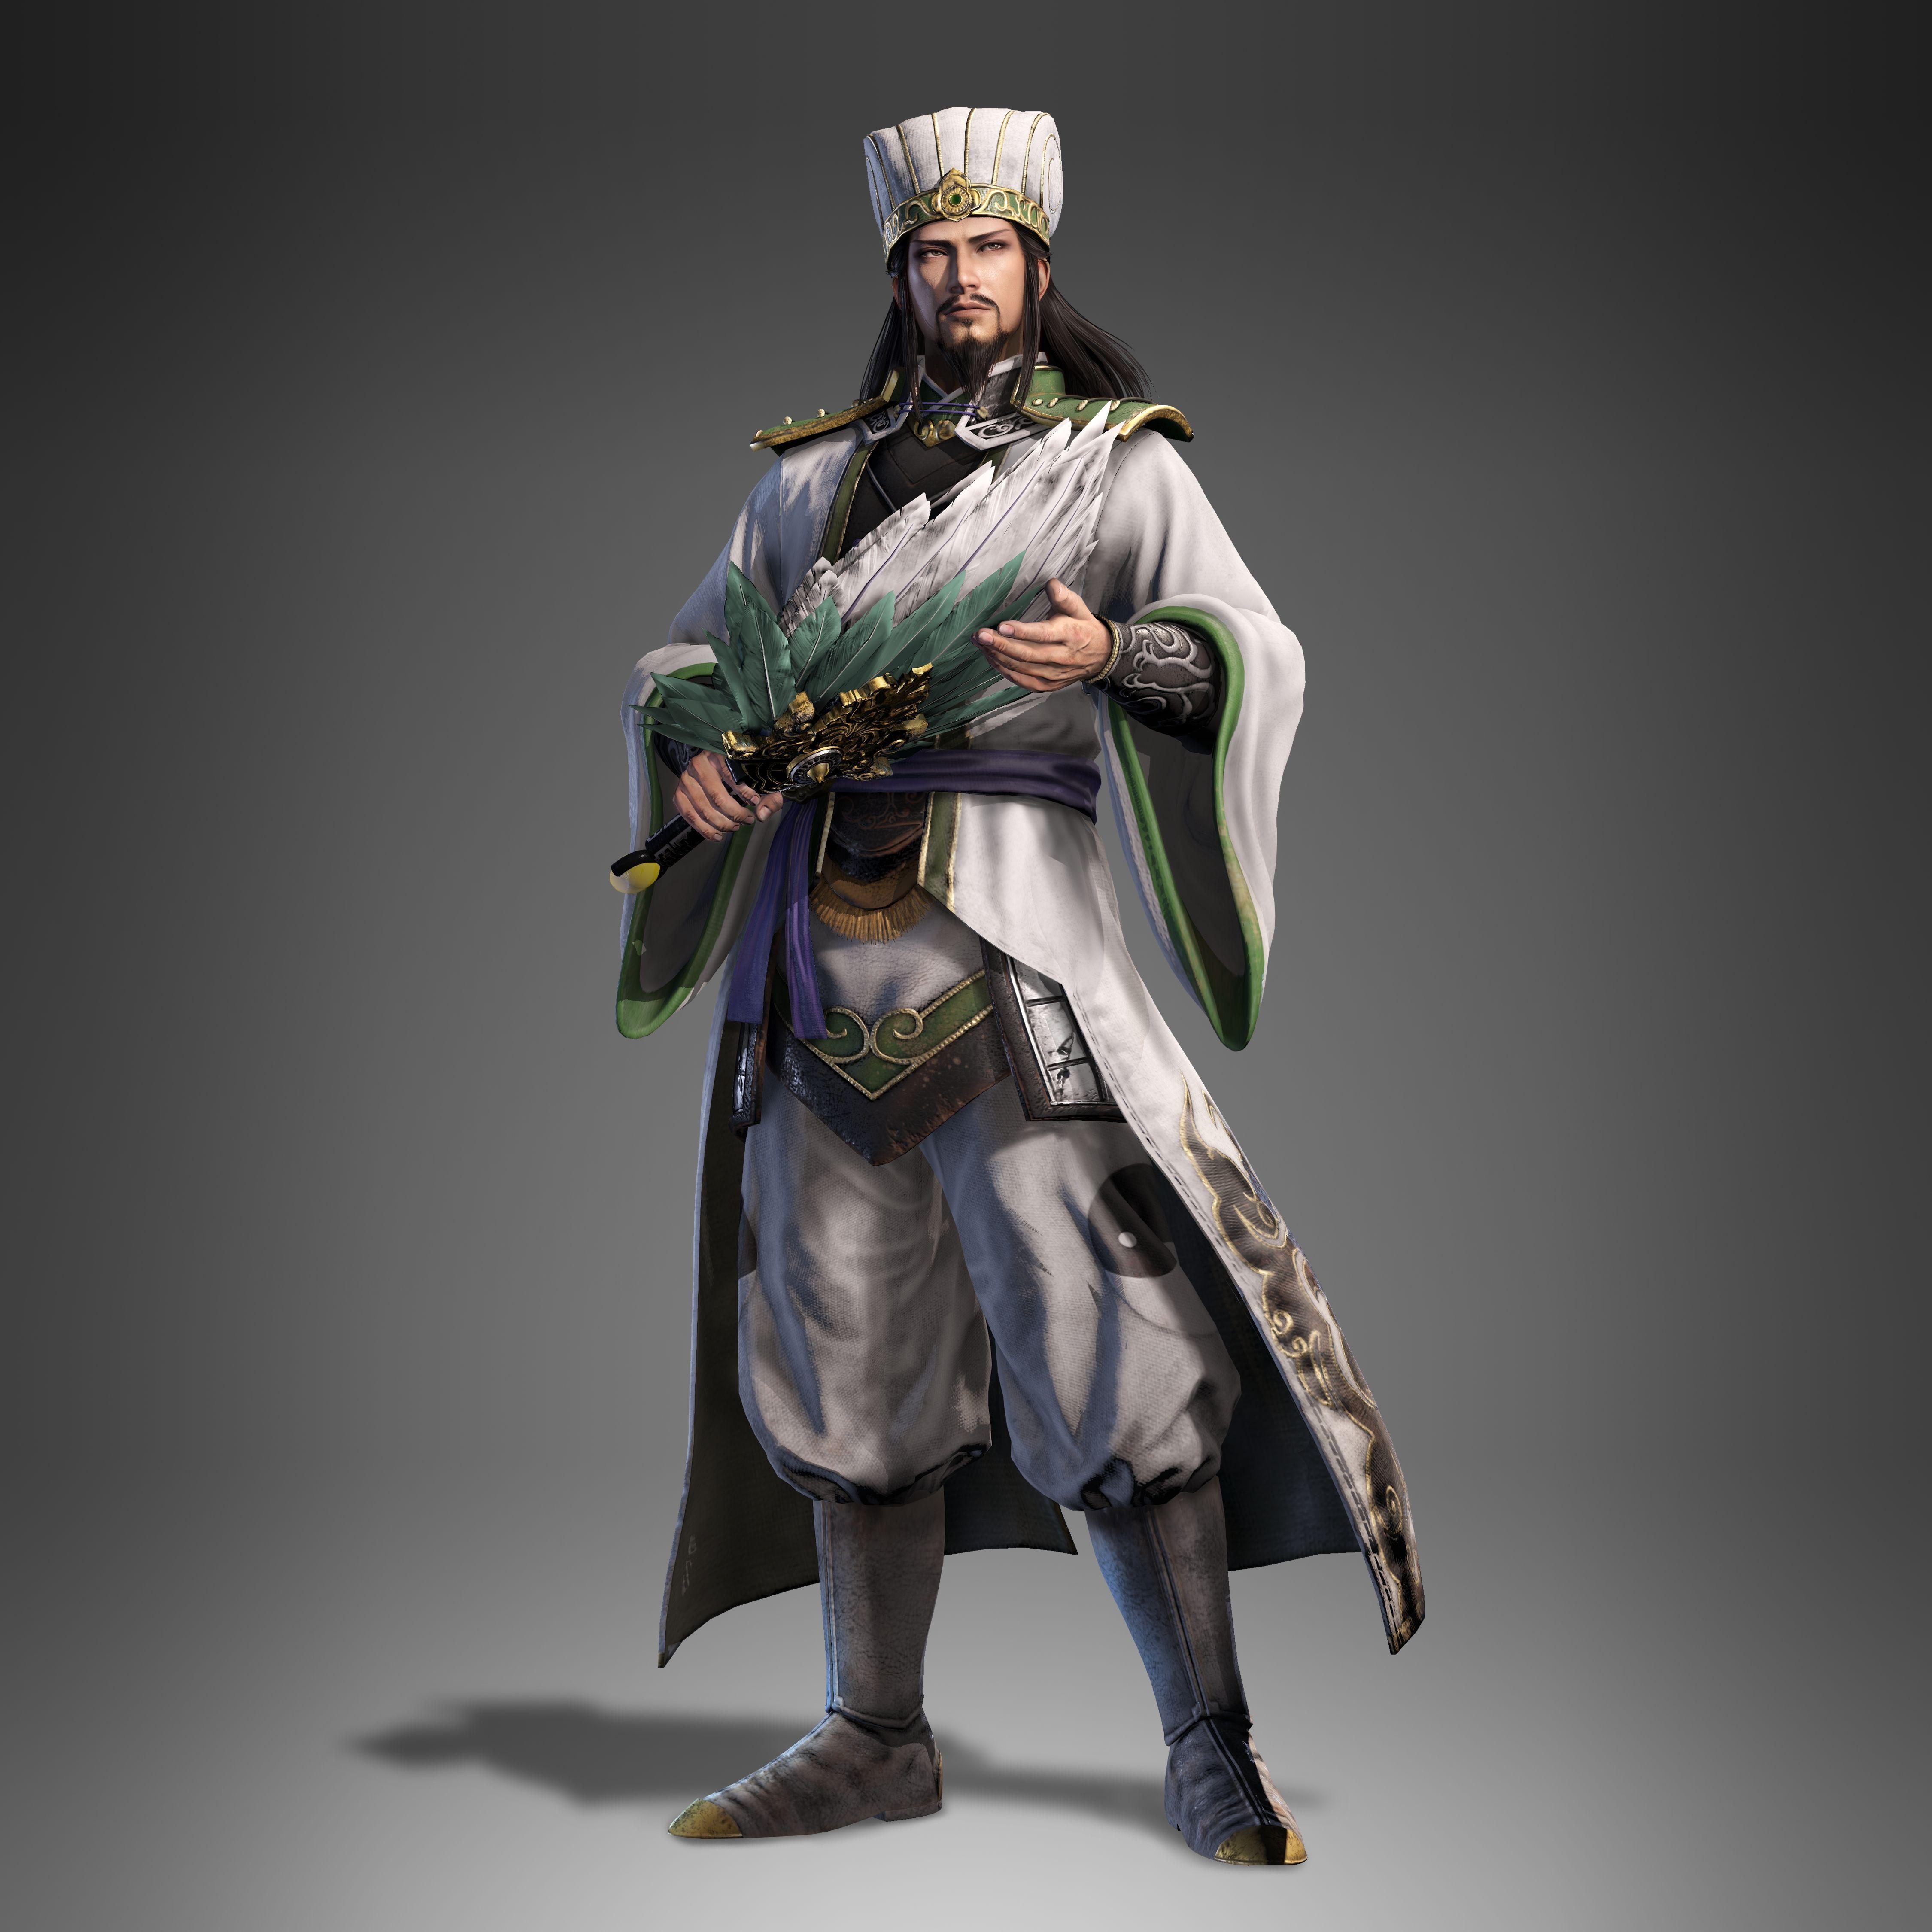 съемке династия фото персонажи сегодня